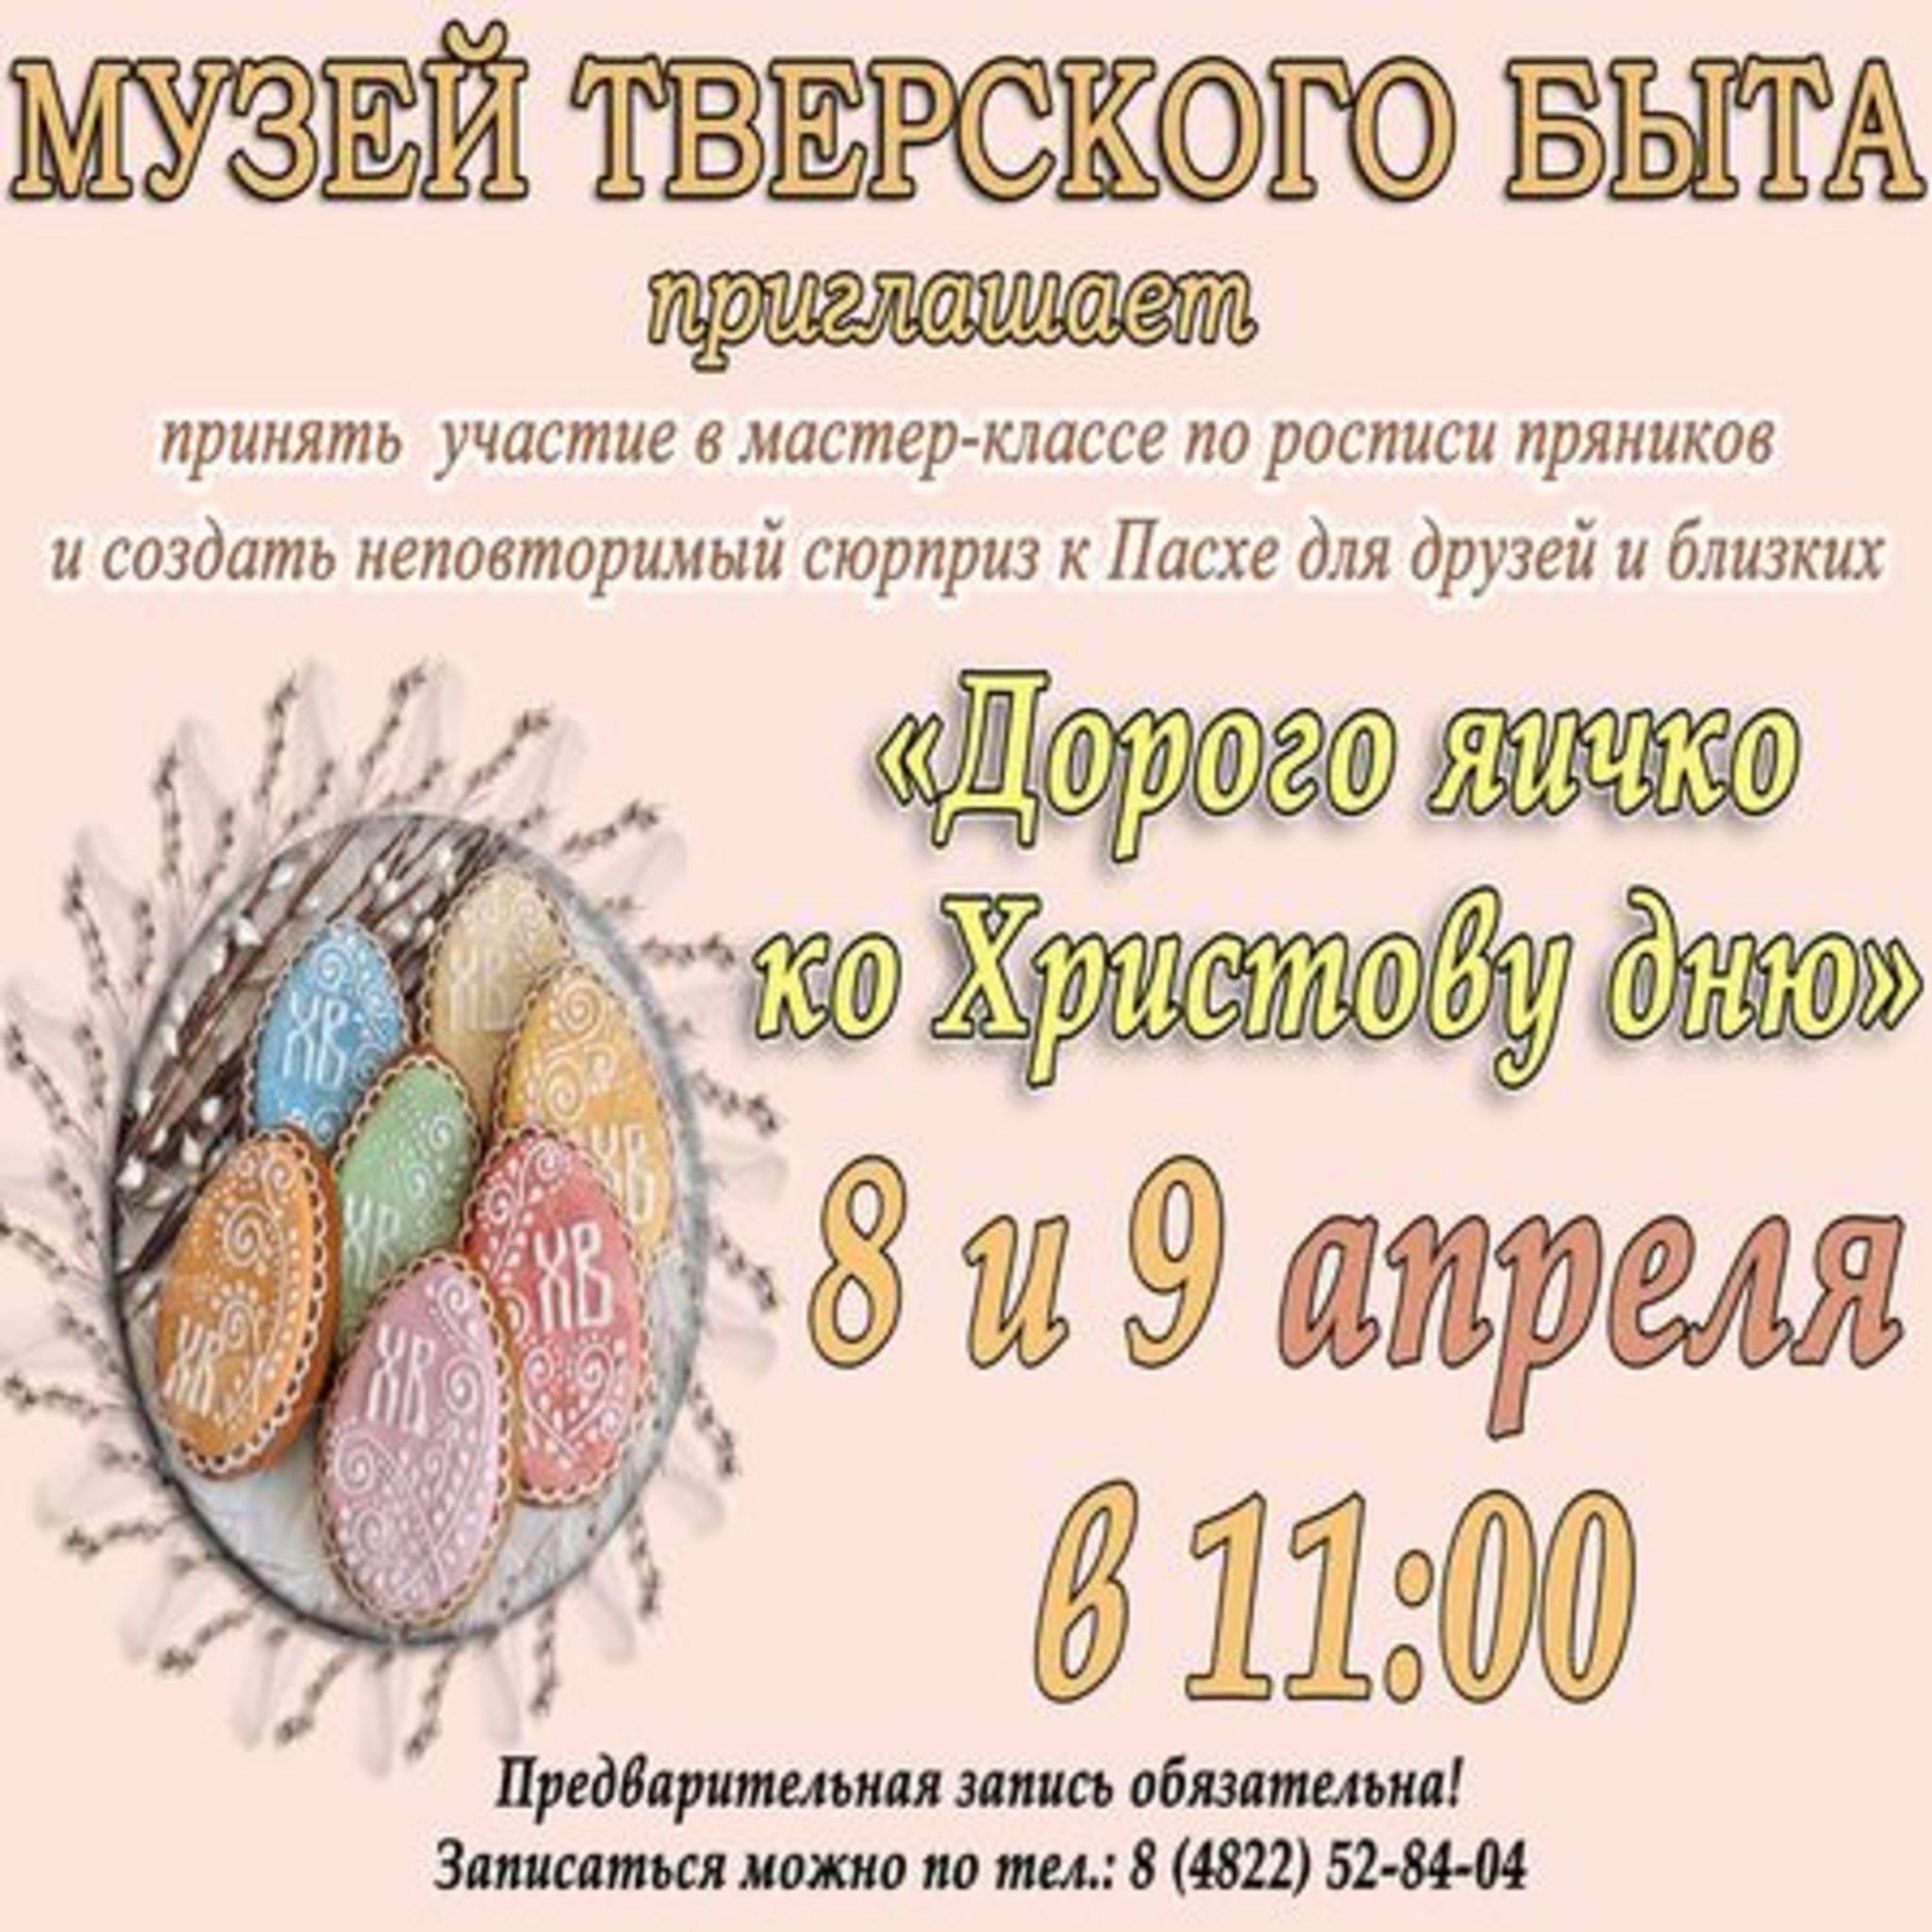 Мастер-класс по росписи пряников «Дорого яичко ко Христову дню»